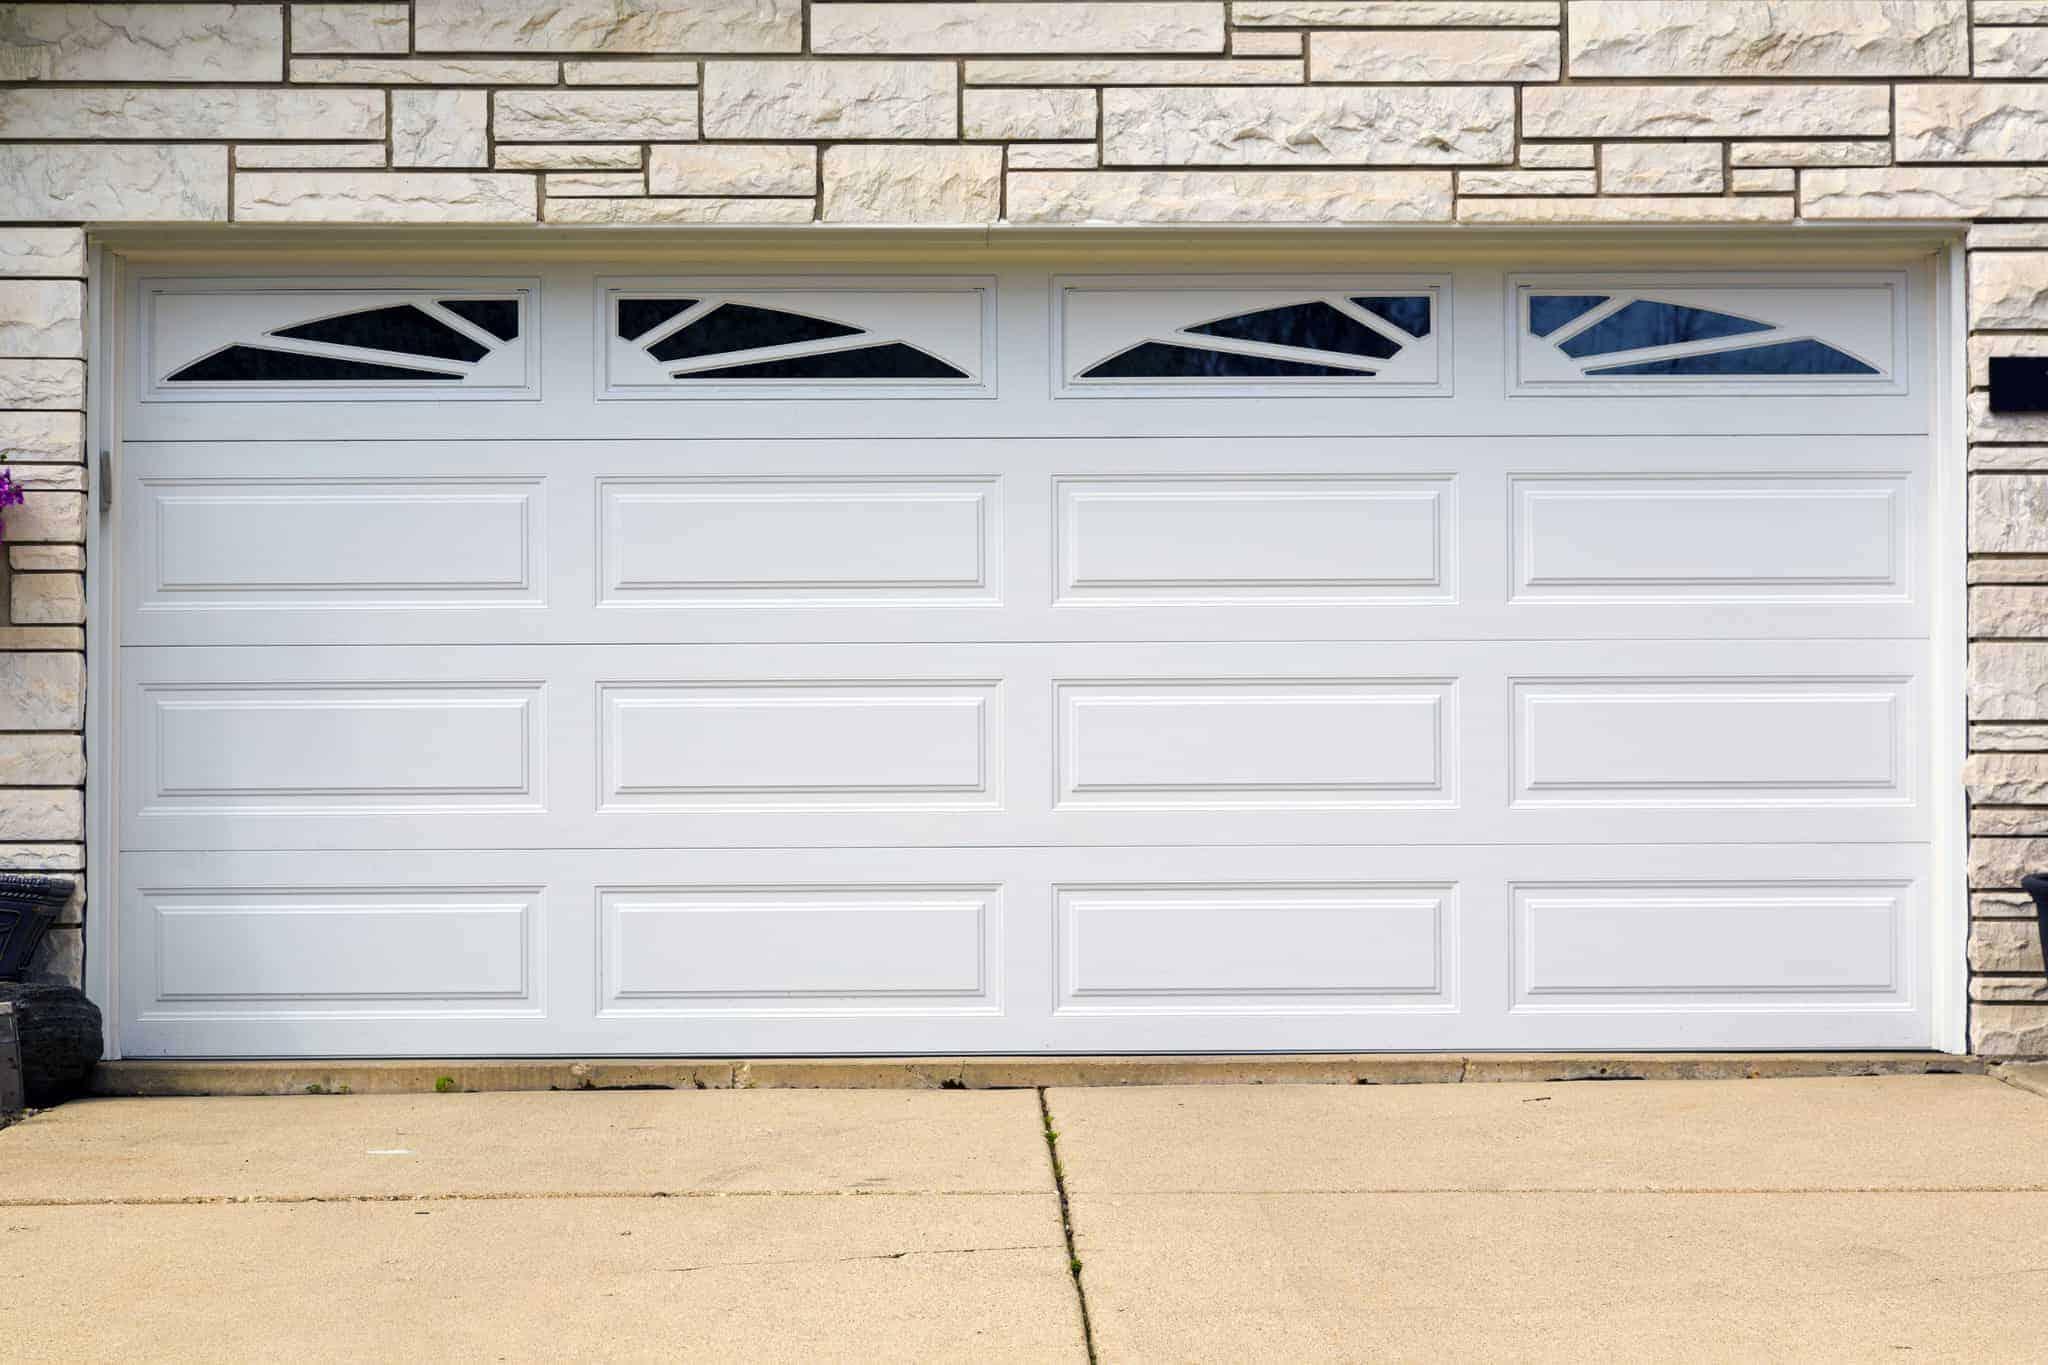 Vzdrževanje garažnih vrat